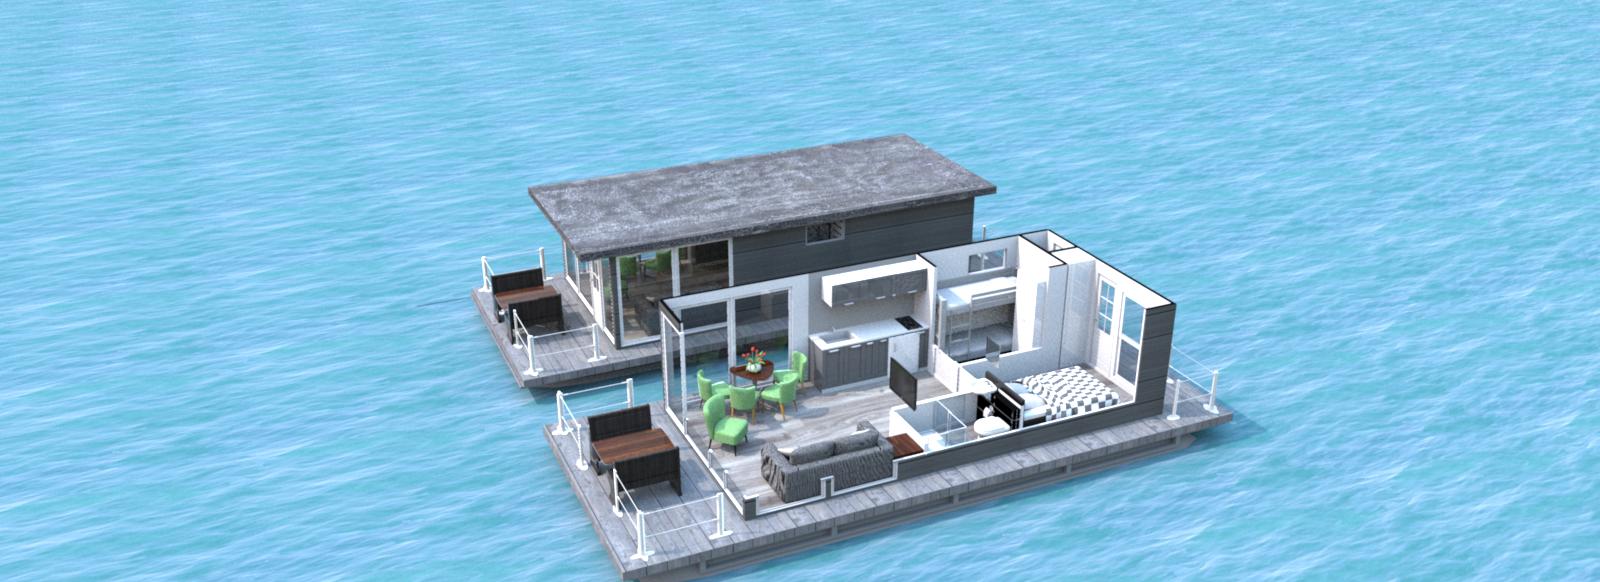 Huren Houseboat